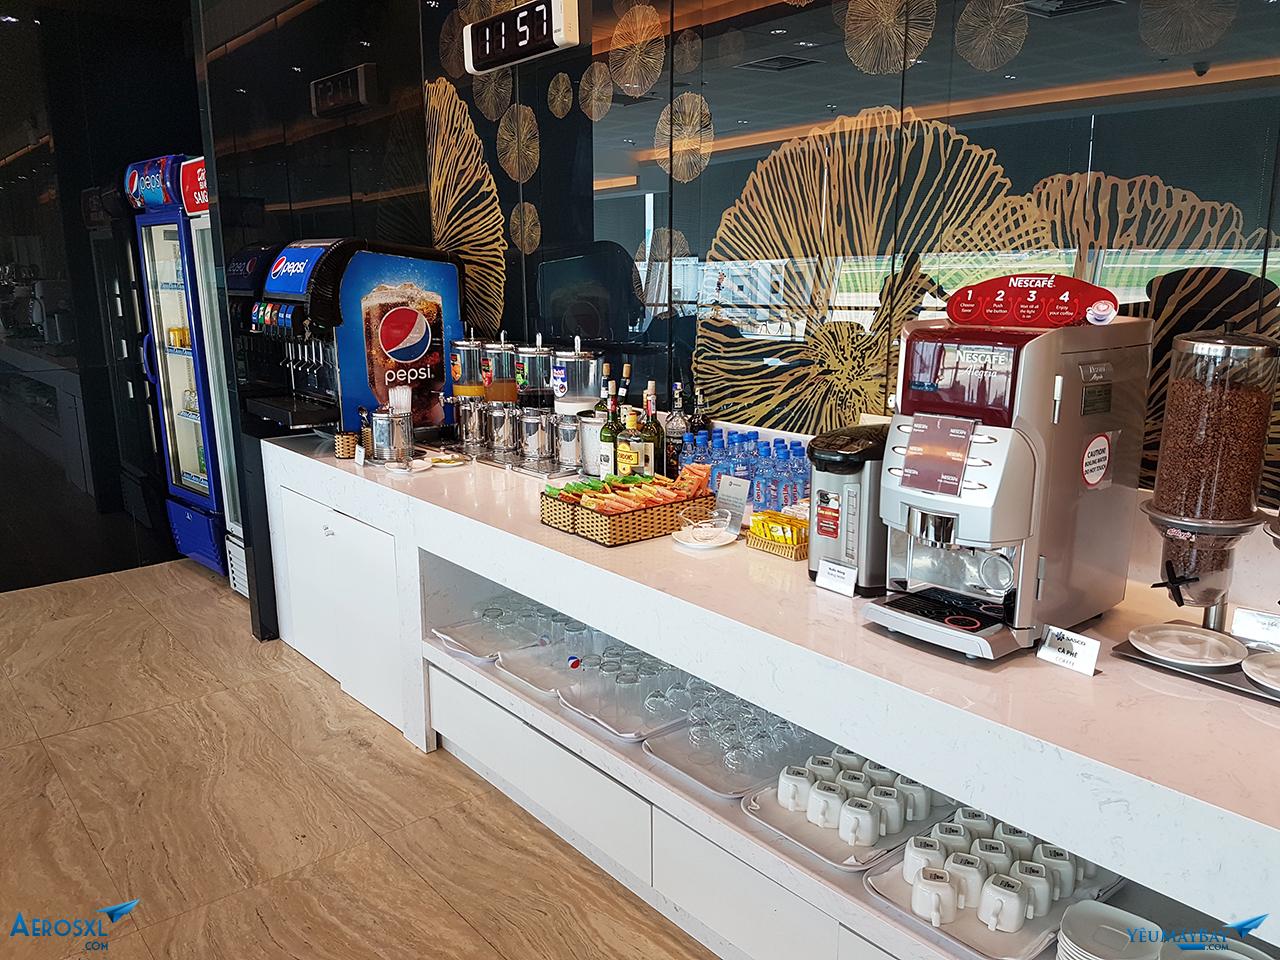 Khu vực nước uống bao gốm có trà, cà phê, nước ngọt, thức uống có cồn và không cồn.